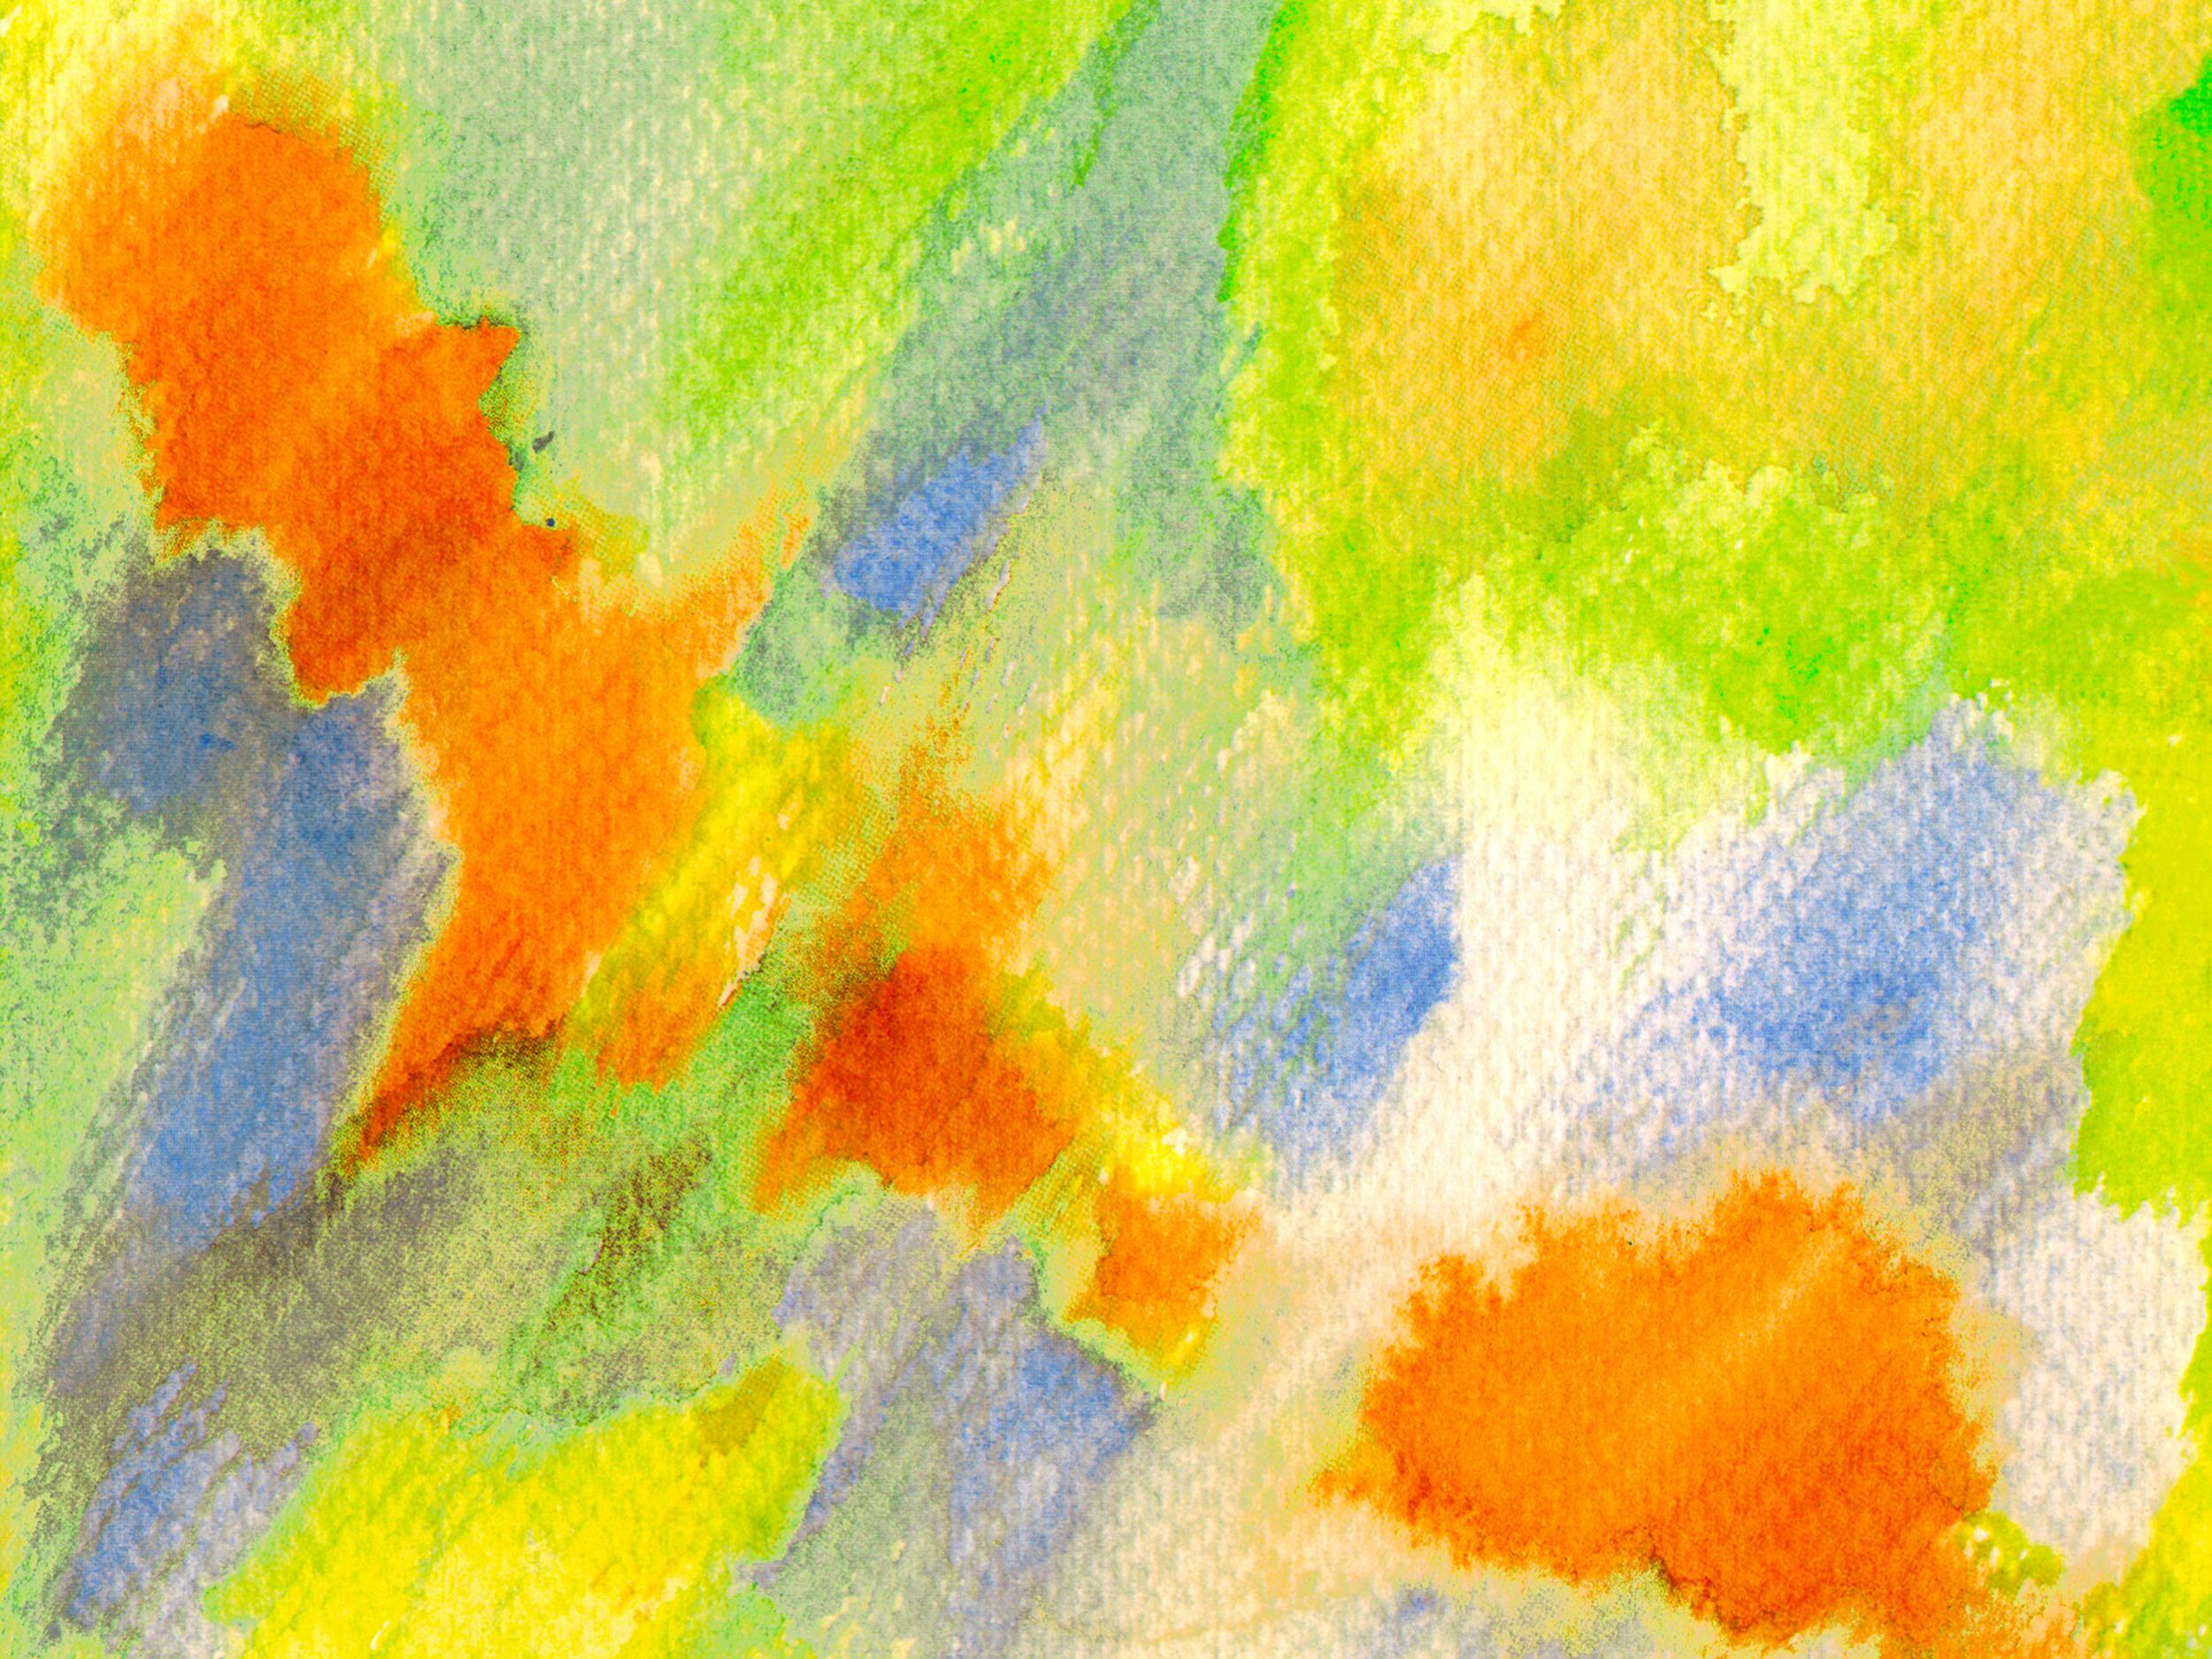 Watercolor #7